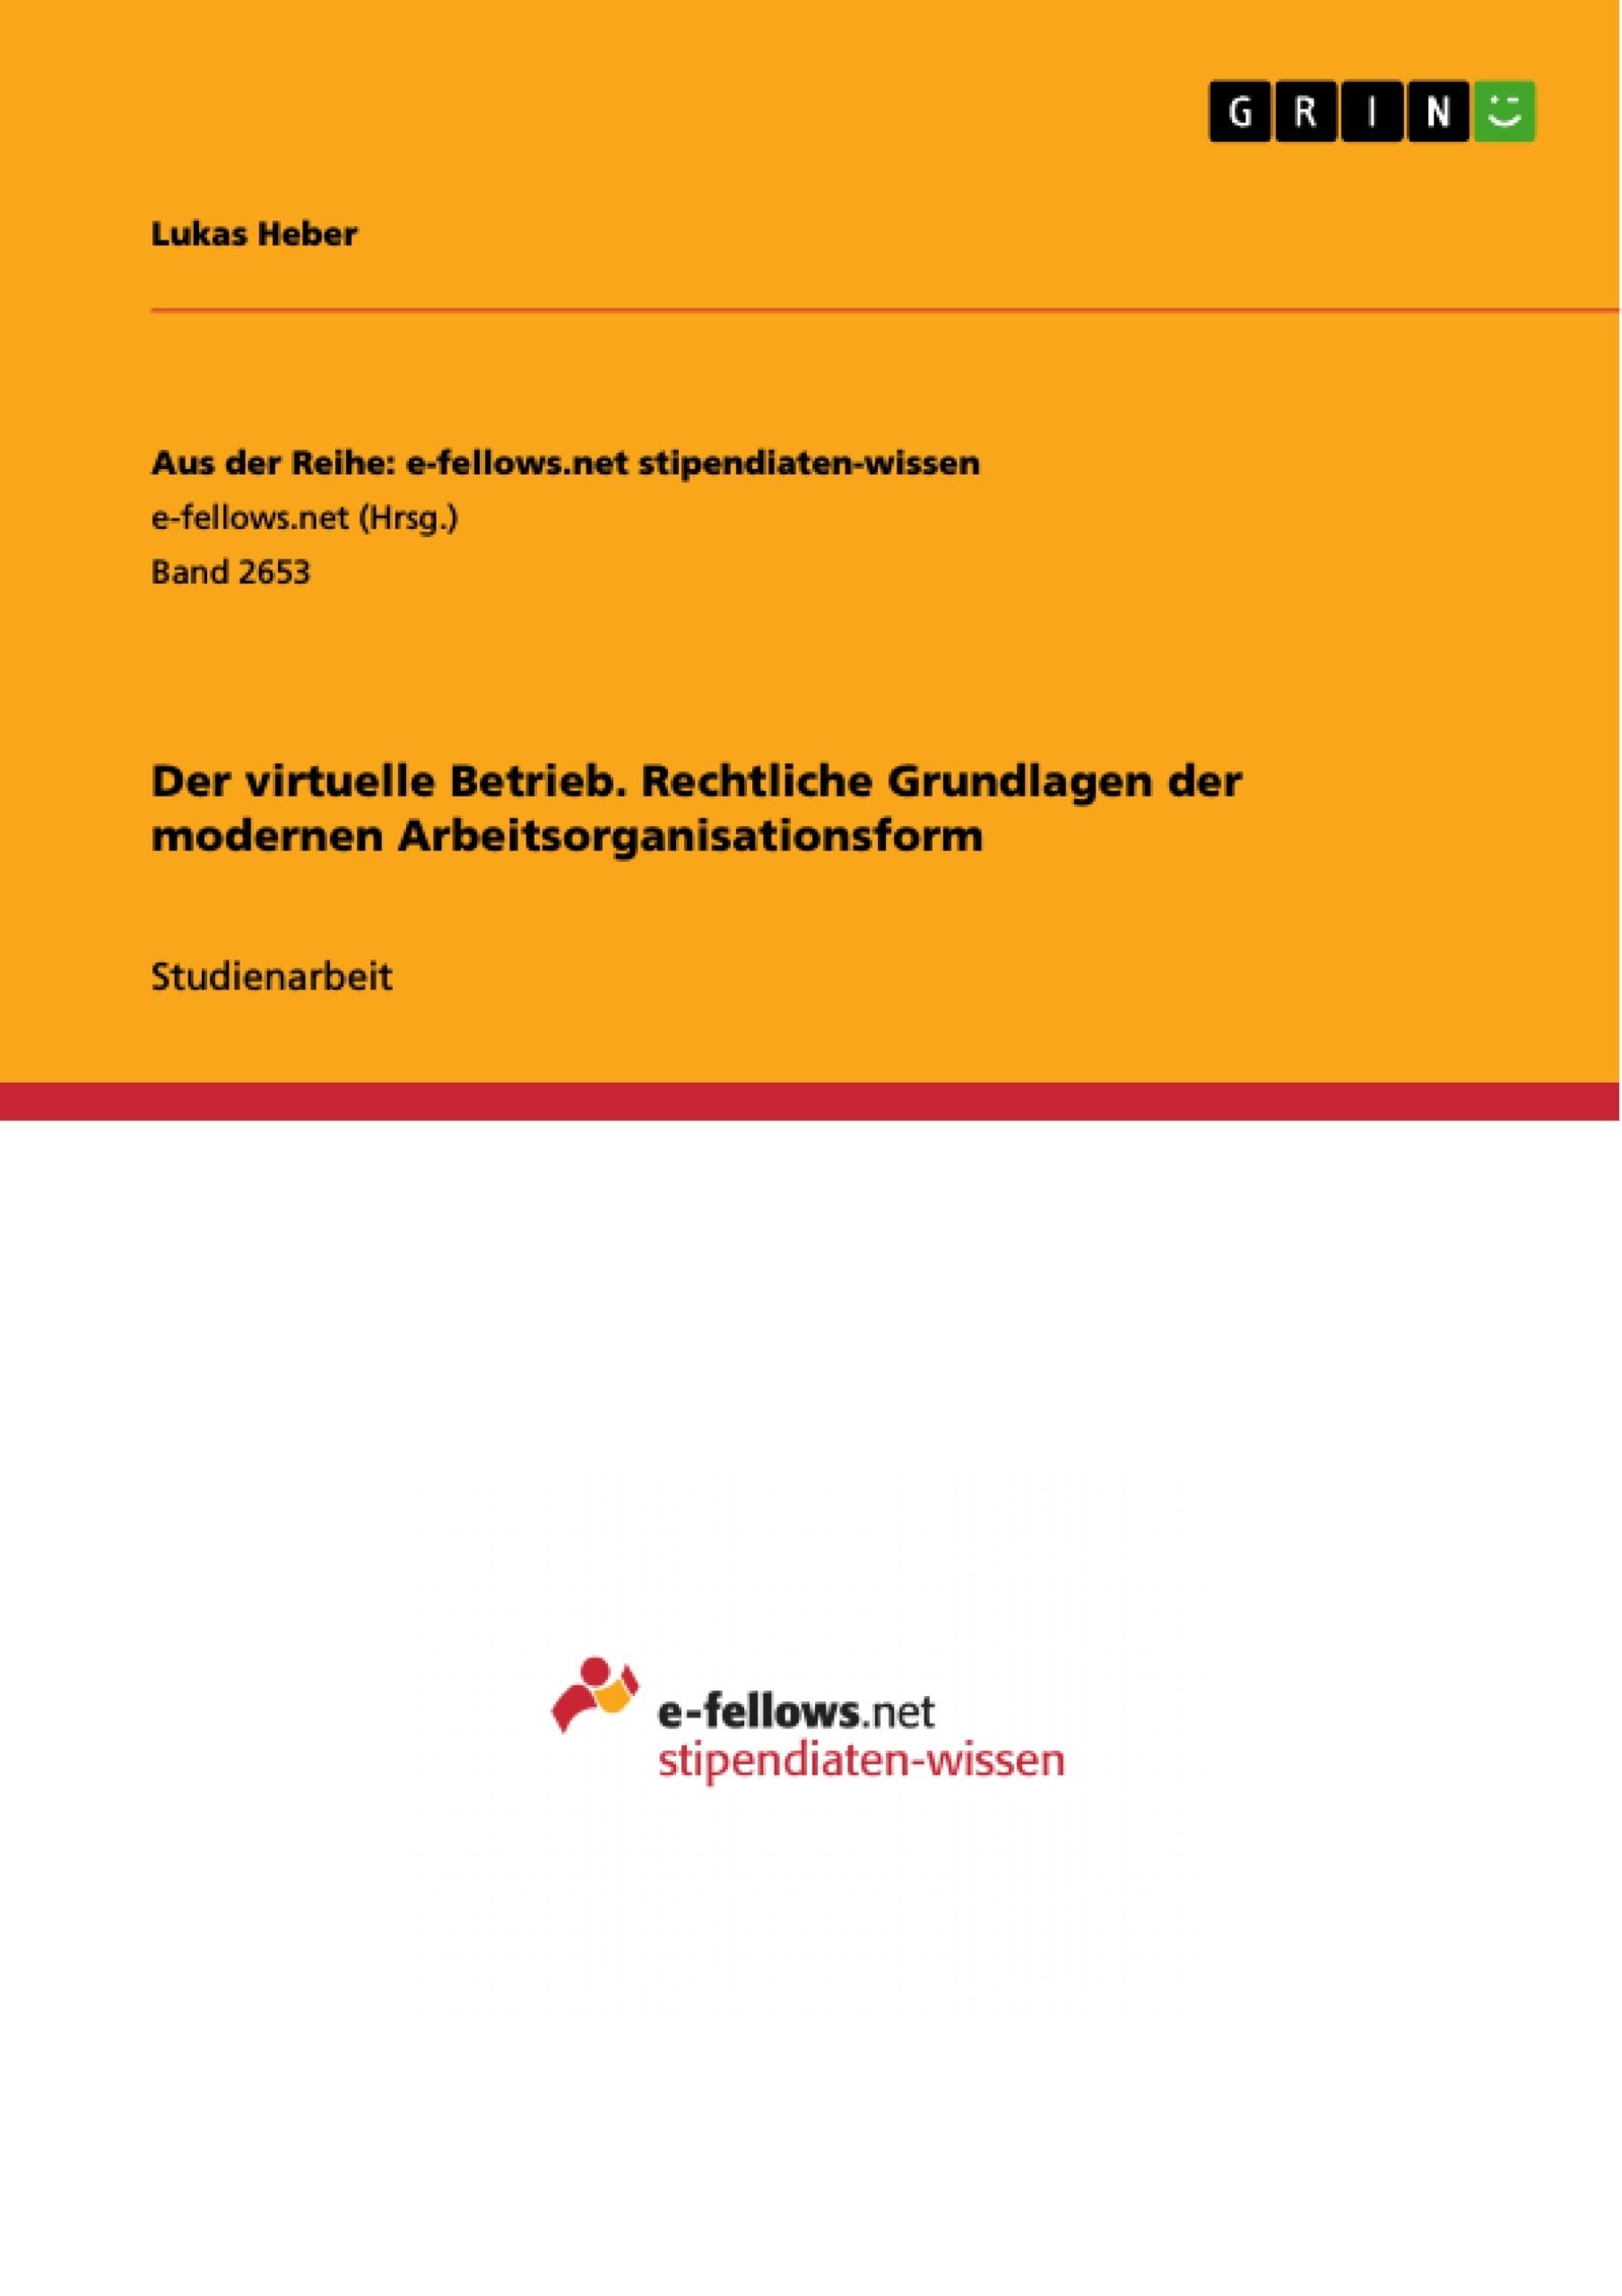 Titel: Der virtuelle Betrieb. Rechtliche Grundlagen der modernen Arbeitsorganisationsform